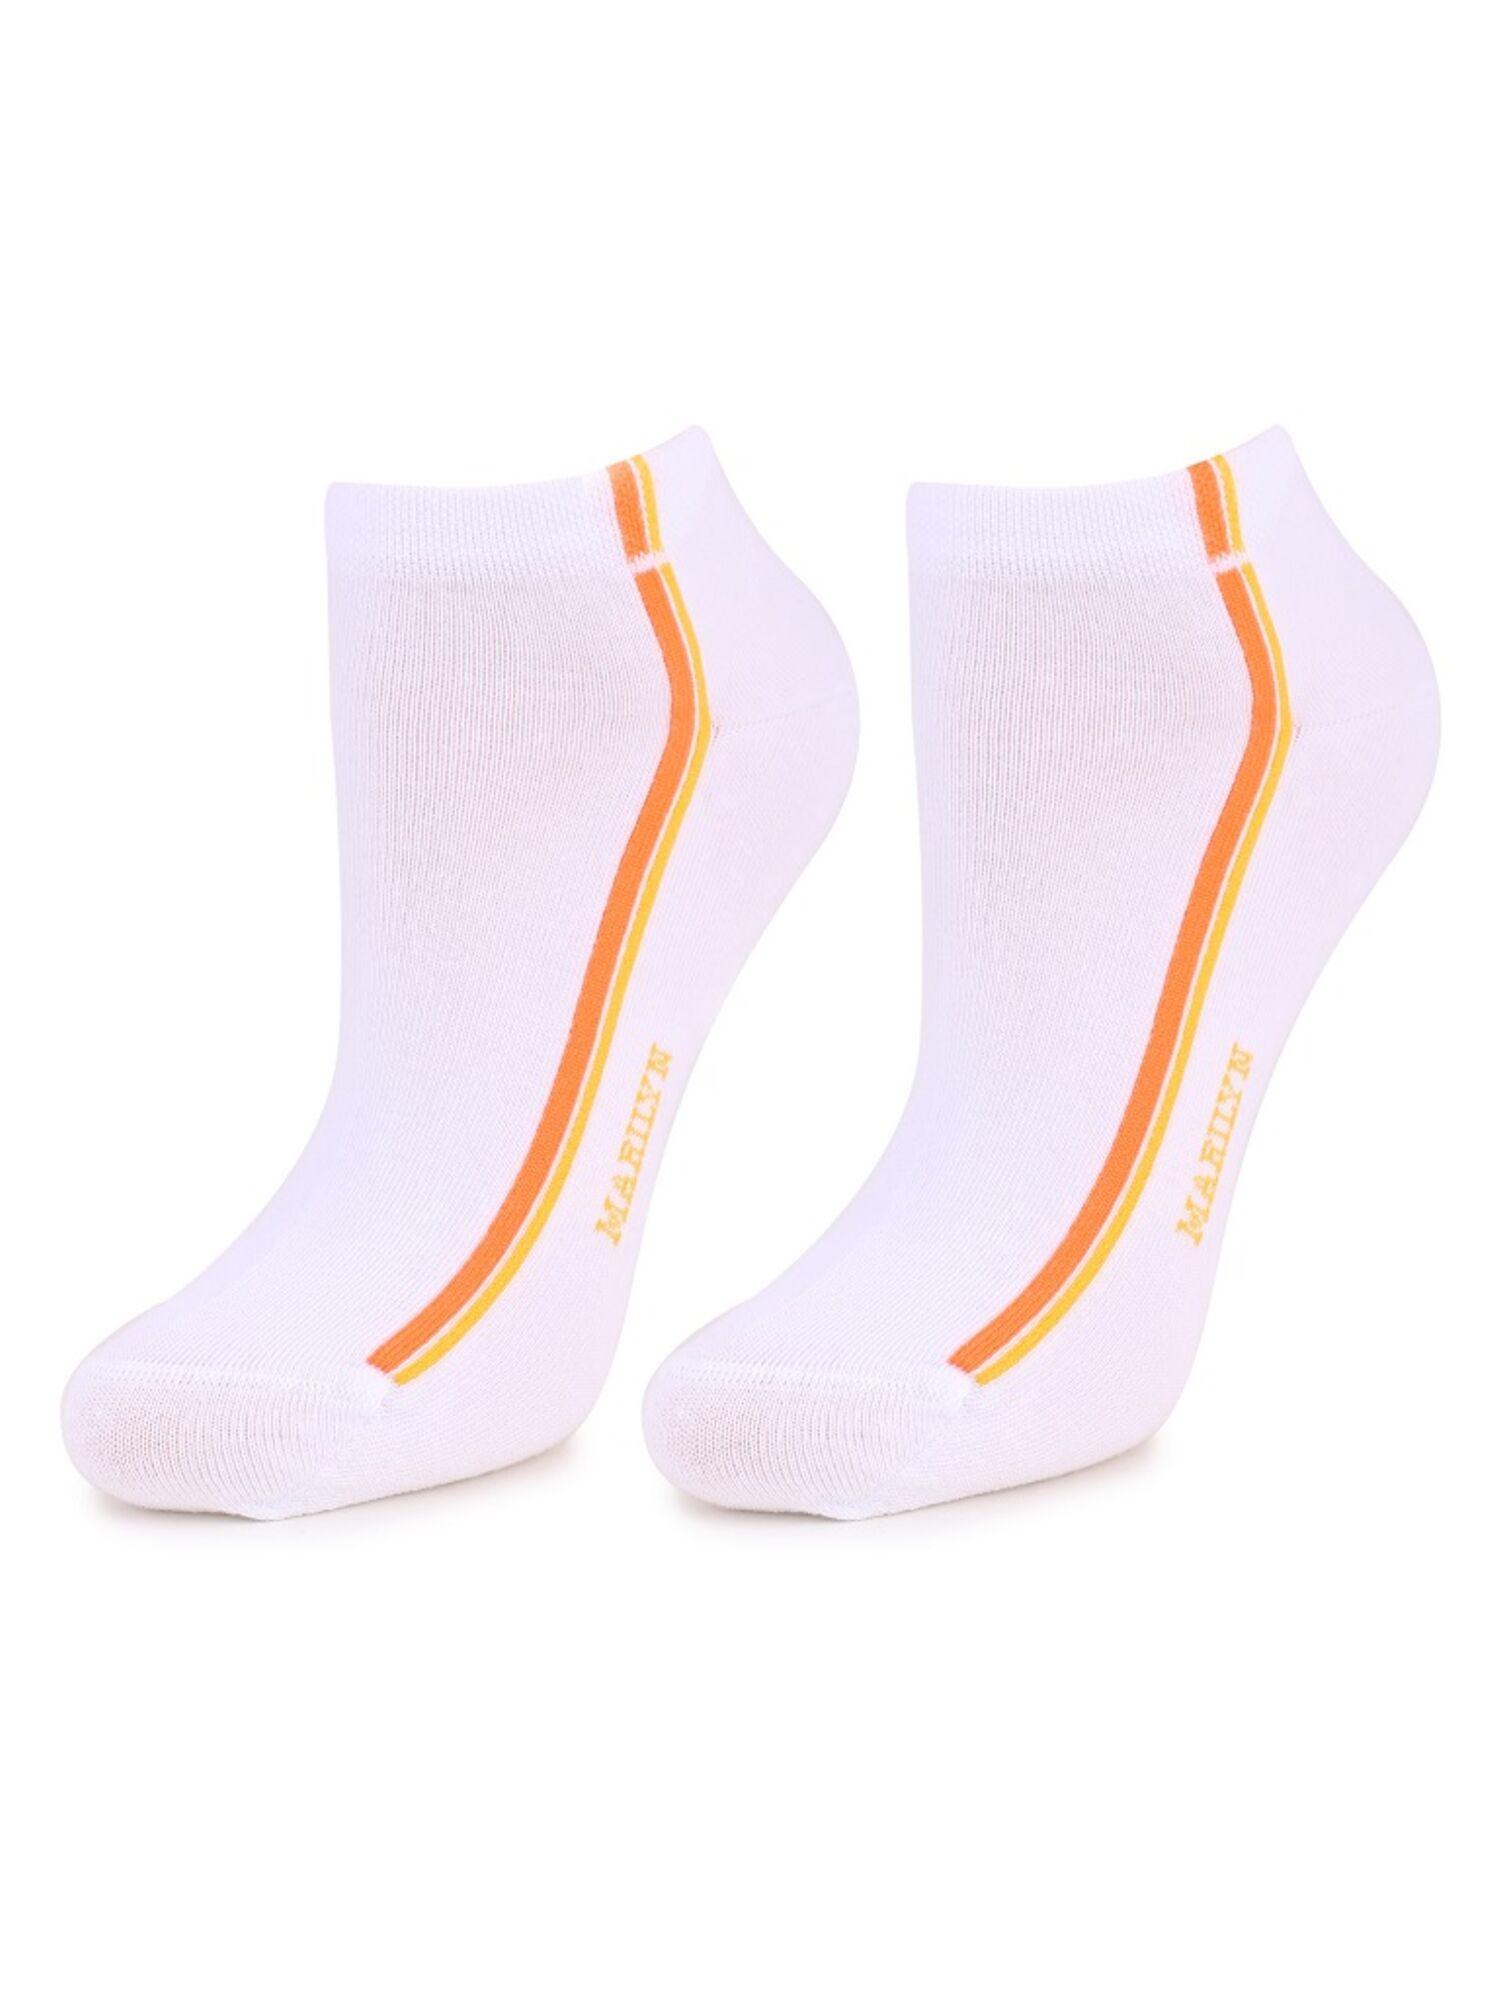 Носки женские укороченные из хлопка Forte 52 белый/оранжевый, MARILYN